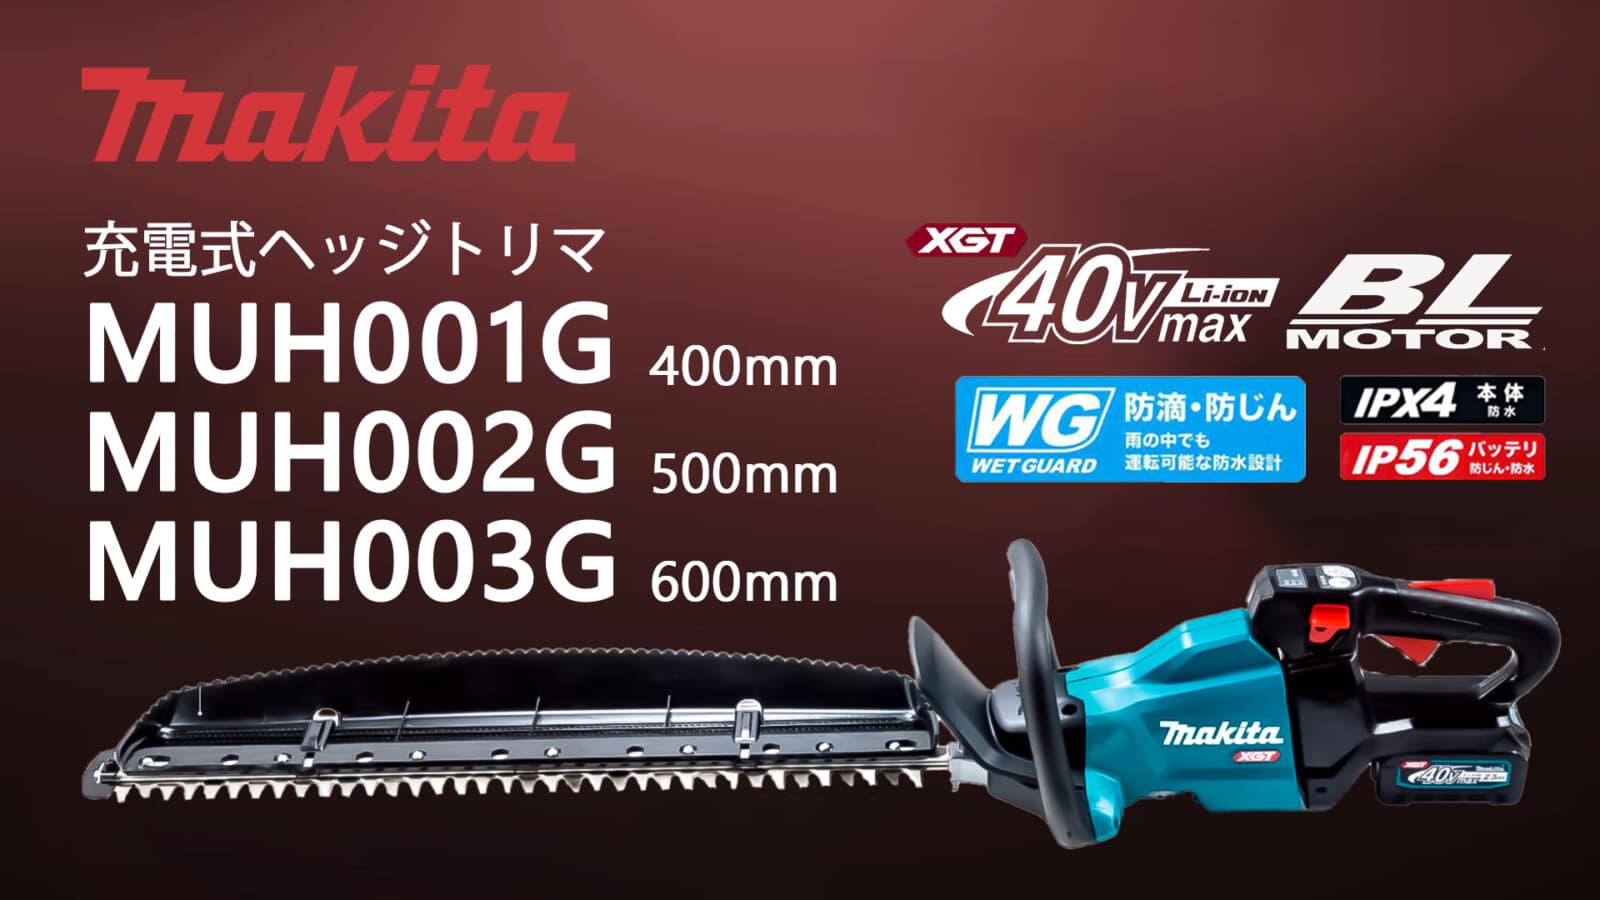 マキタ MUH001G 充電式ヘッジトリマシリーズを発売、40Vmaxシリーズ初のヘッジトリマ